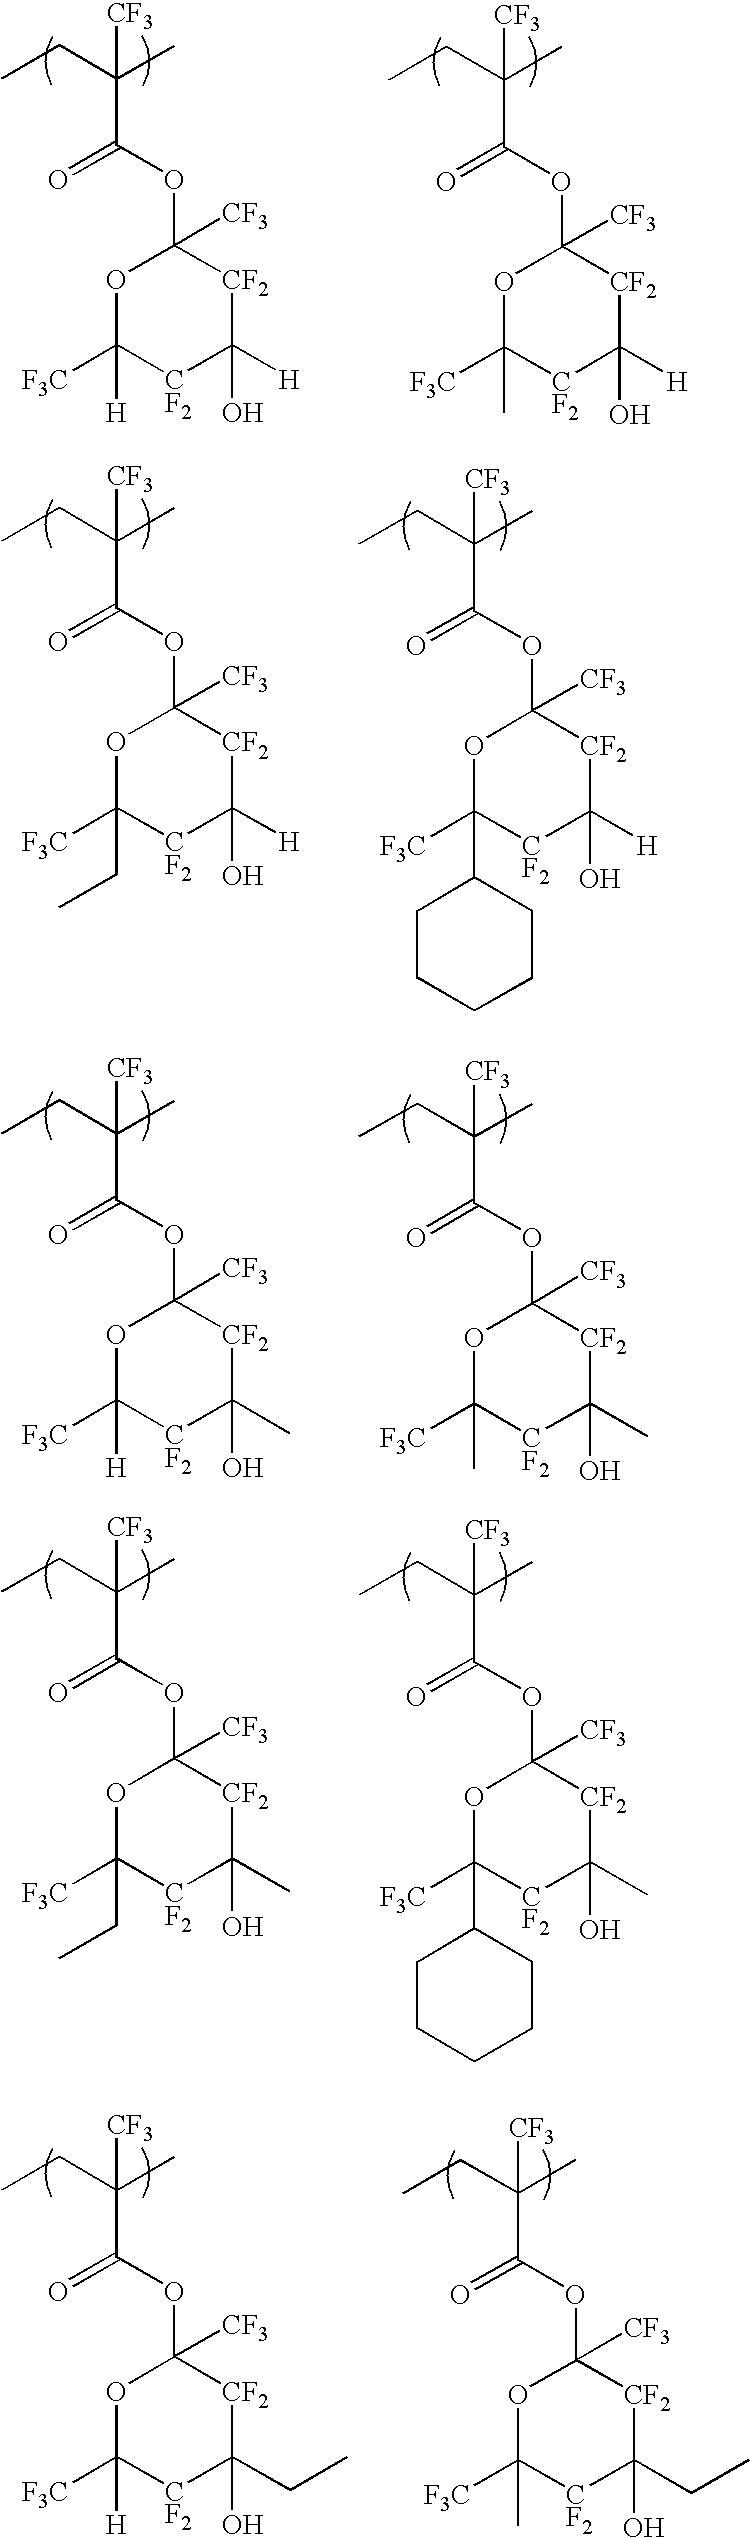 Figure US20060094817A1-20060504-C00037